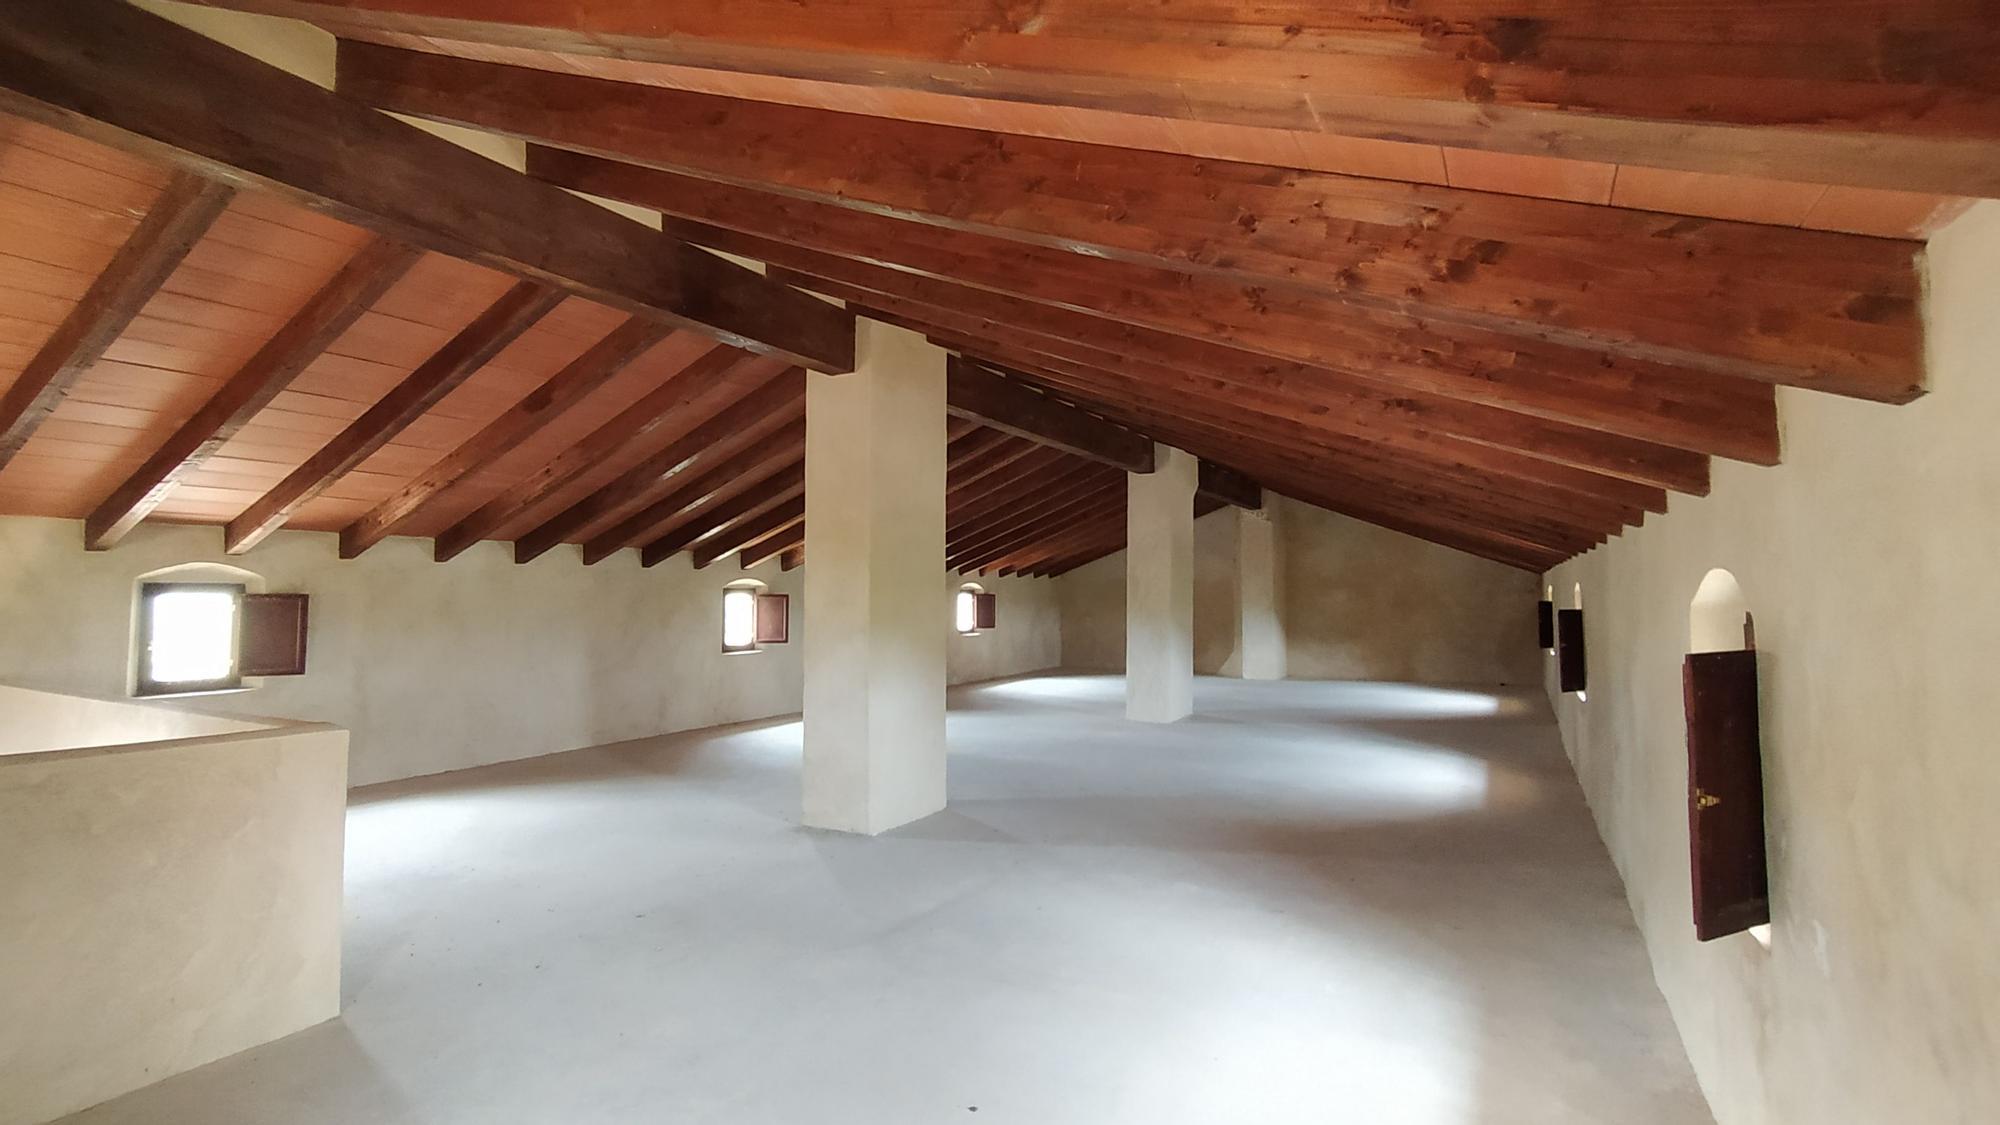 La parte superior, donde se construirán cuatro habitaciones para convertirla en albergue